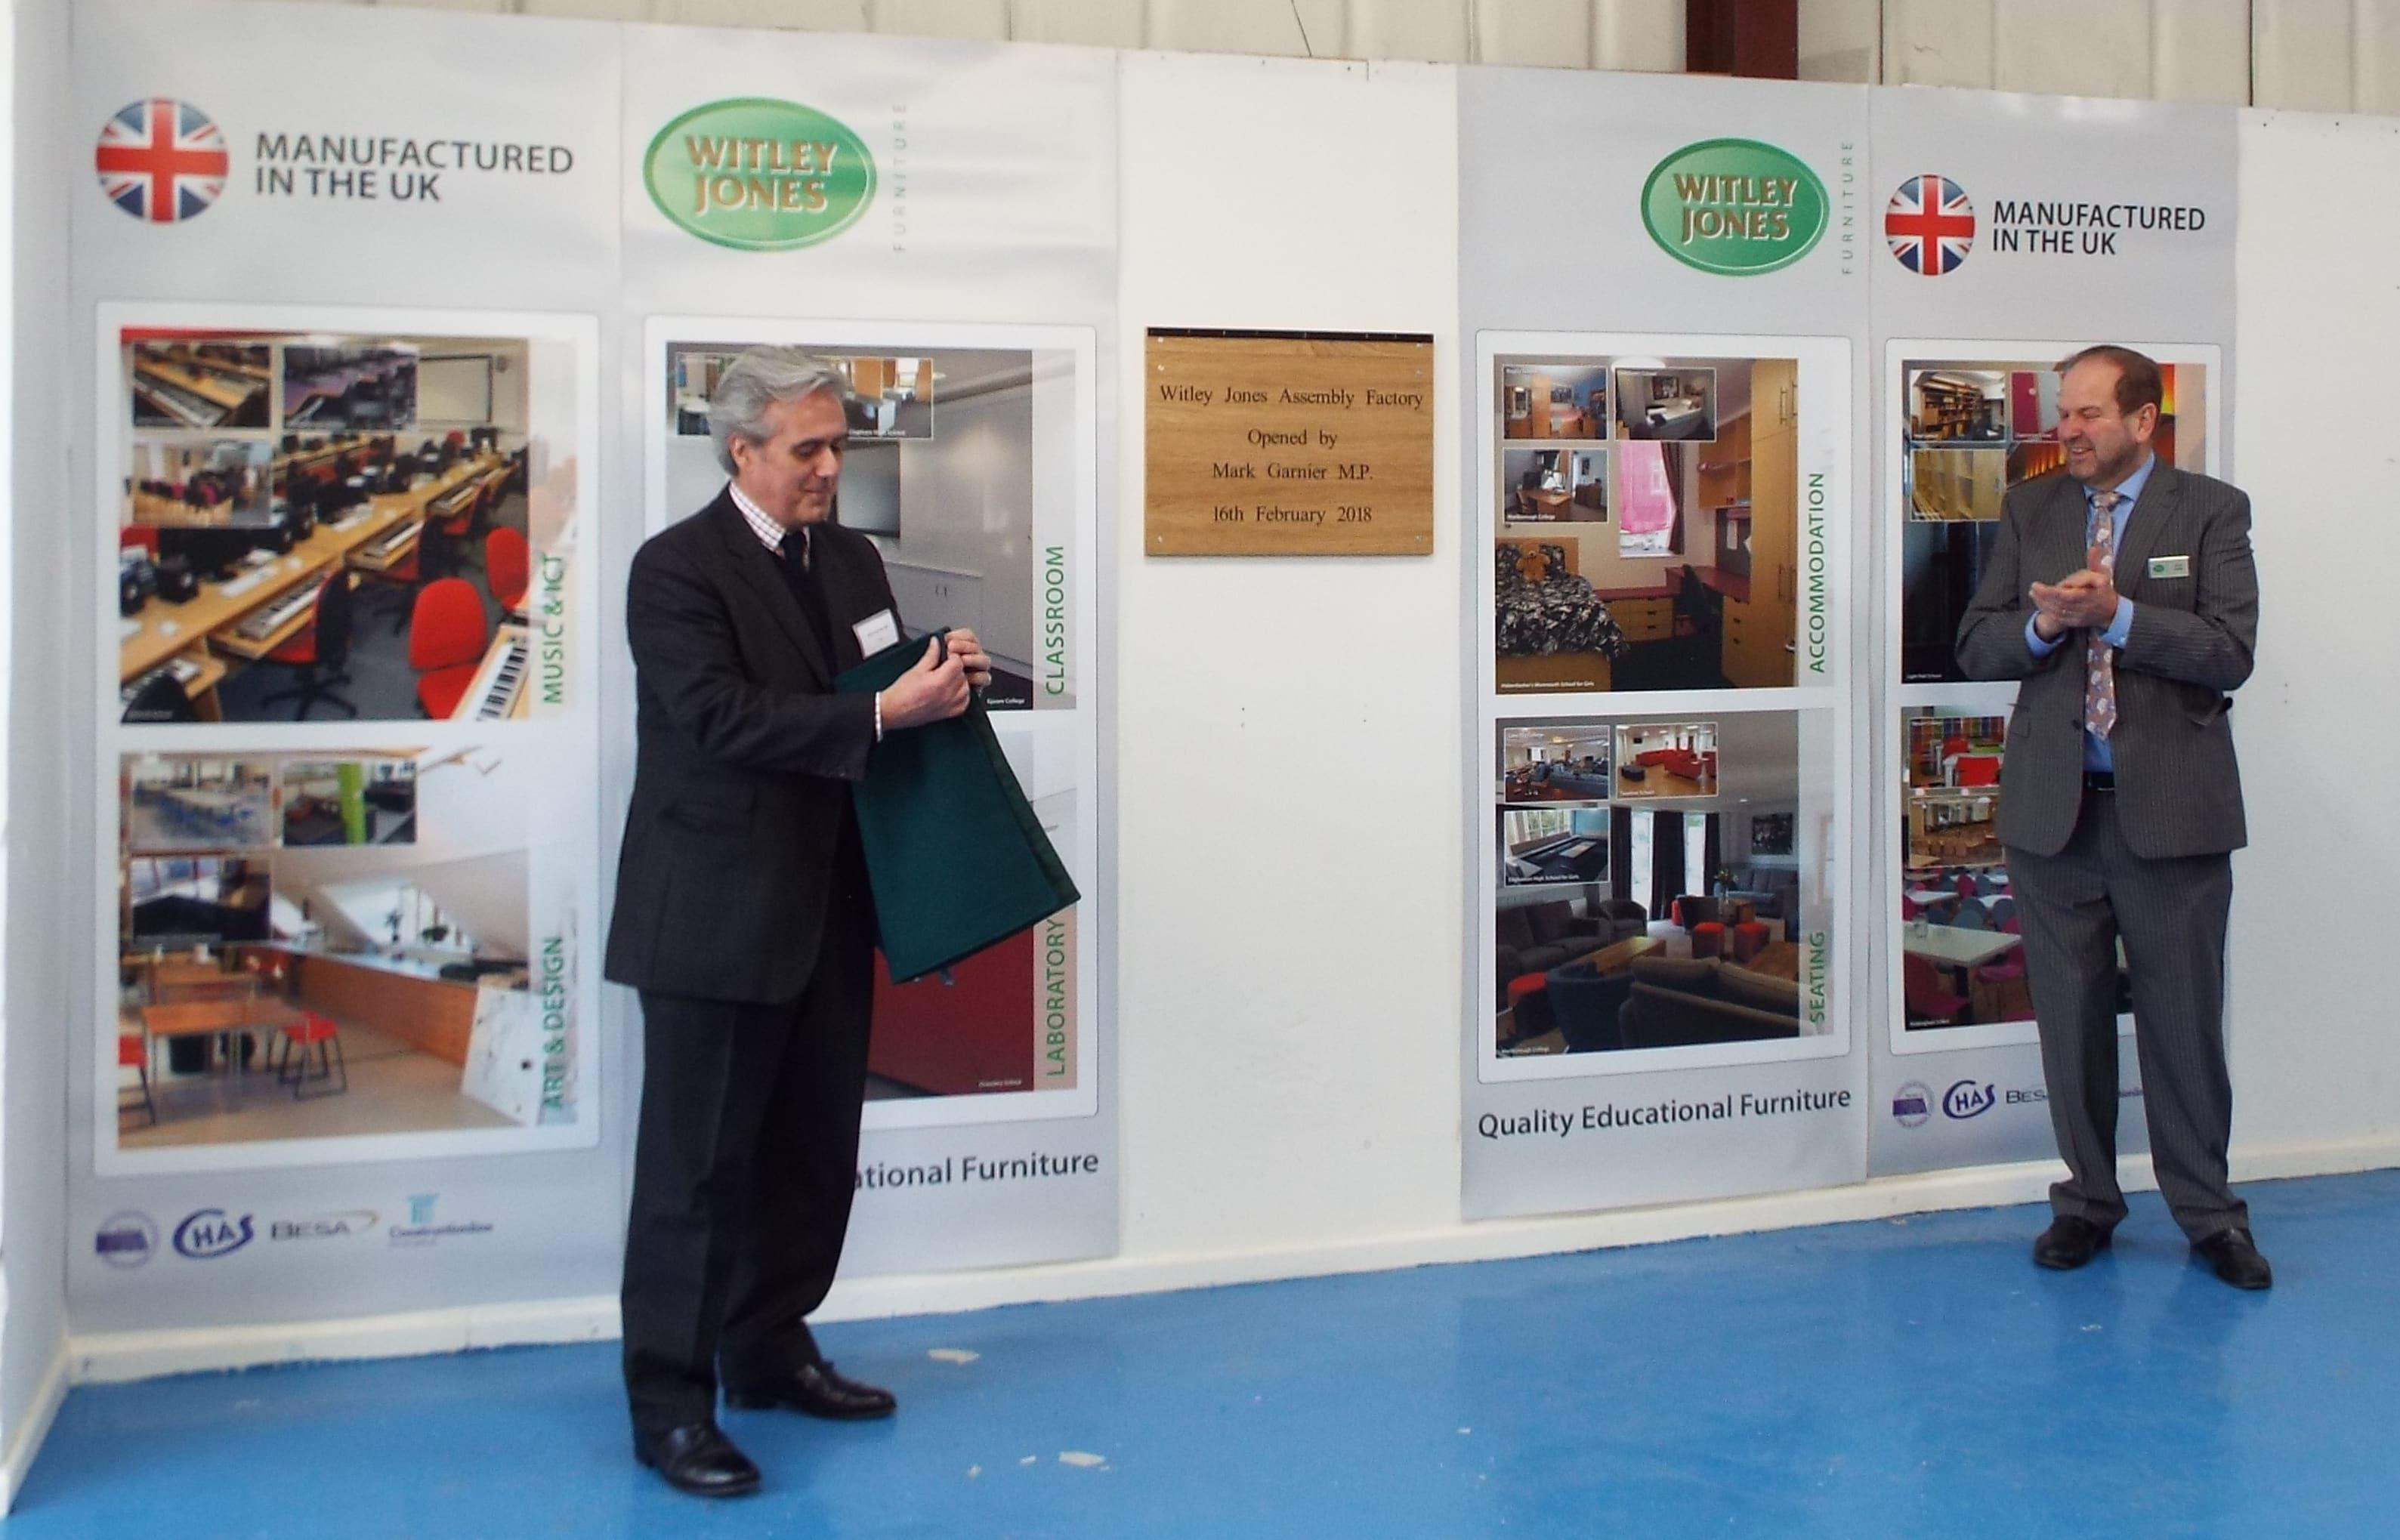 Mark Garnier MP opens Witley Jones